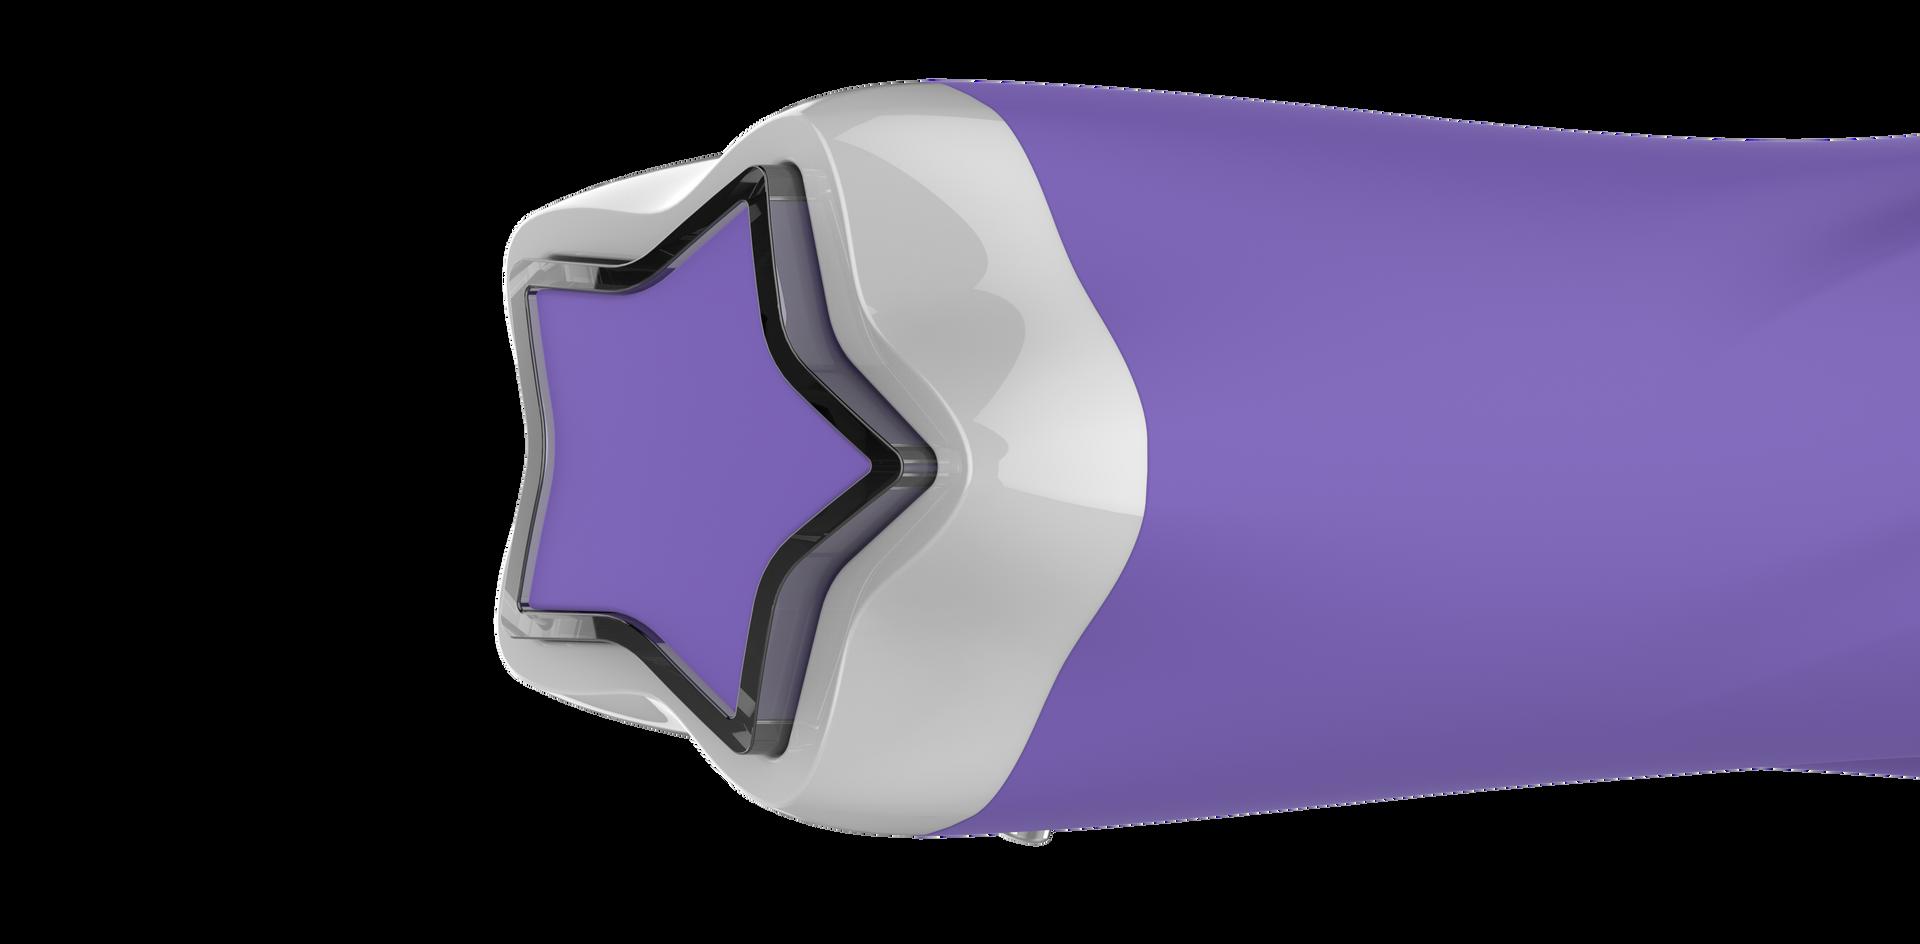 Violet_new-1.png